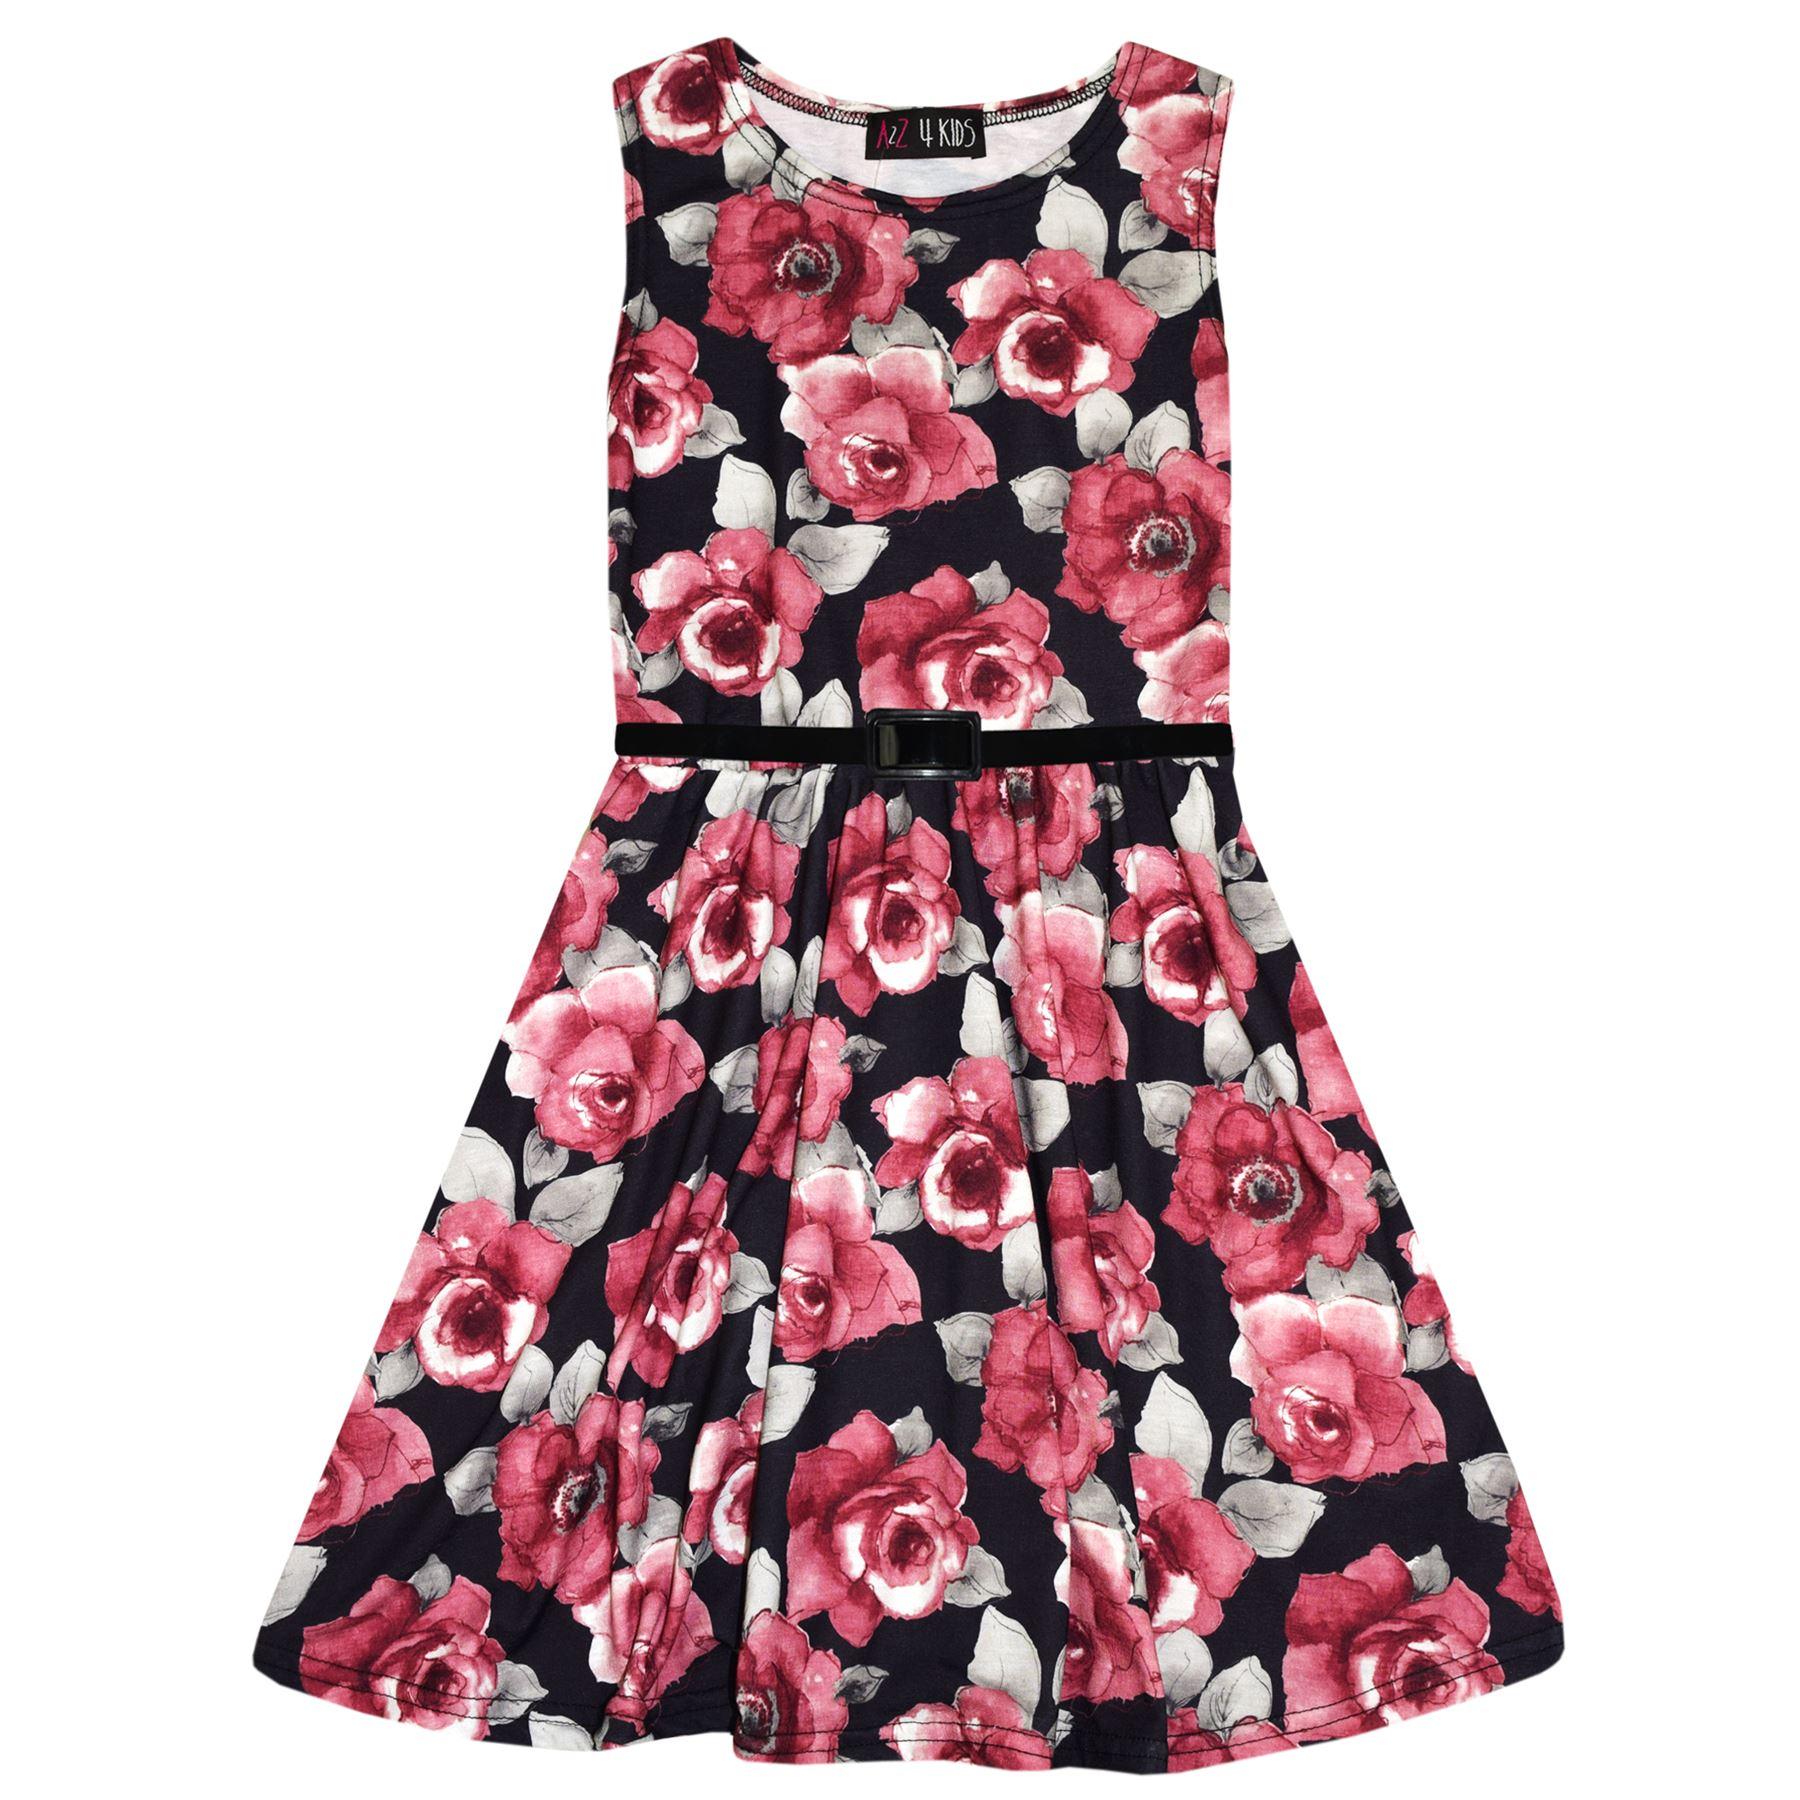 Soirée 7 13 Rouge Sur Mode Patineuse Robes Robe Imprimé Filles Enfants Ans Détails Été Roses FKclJ1